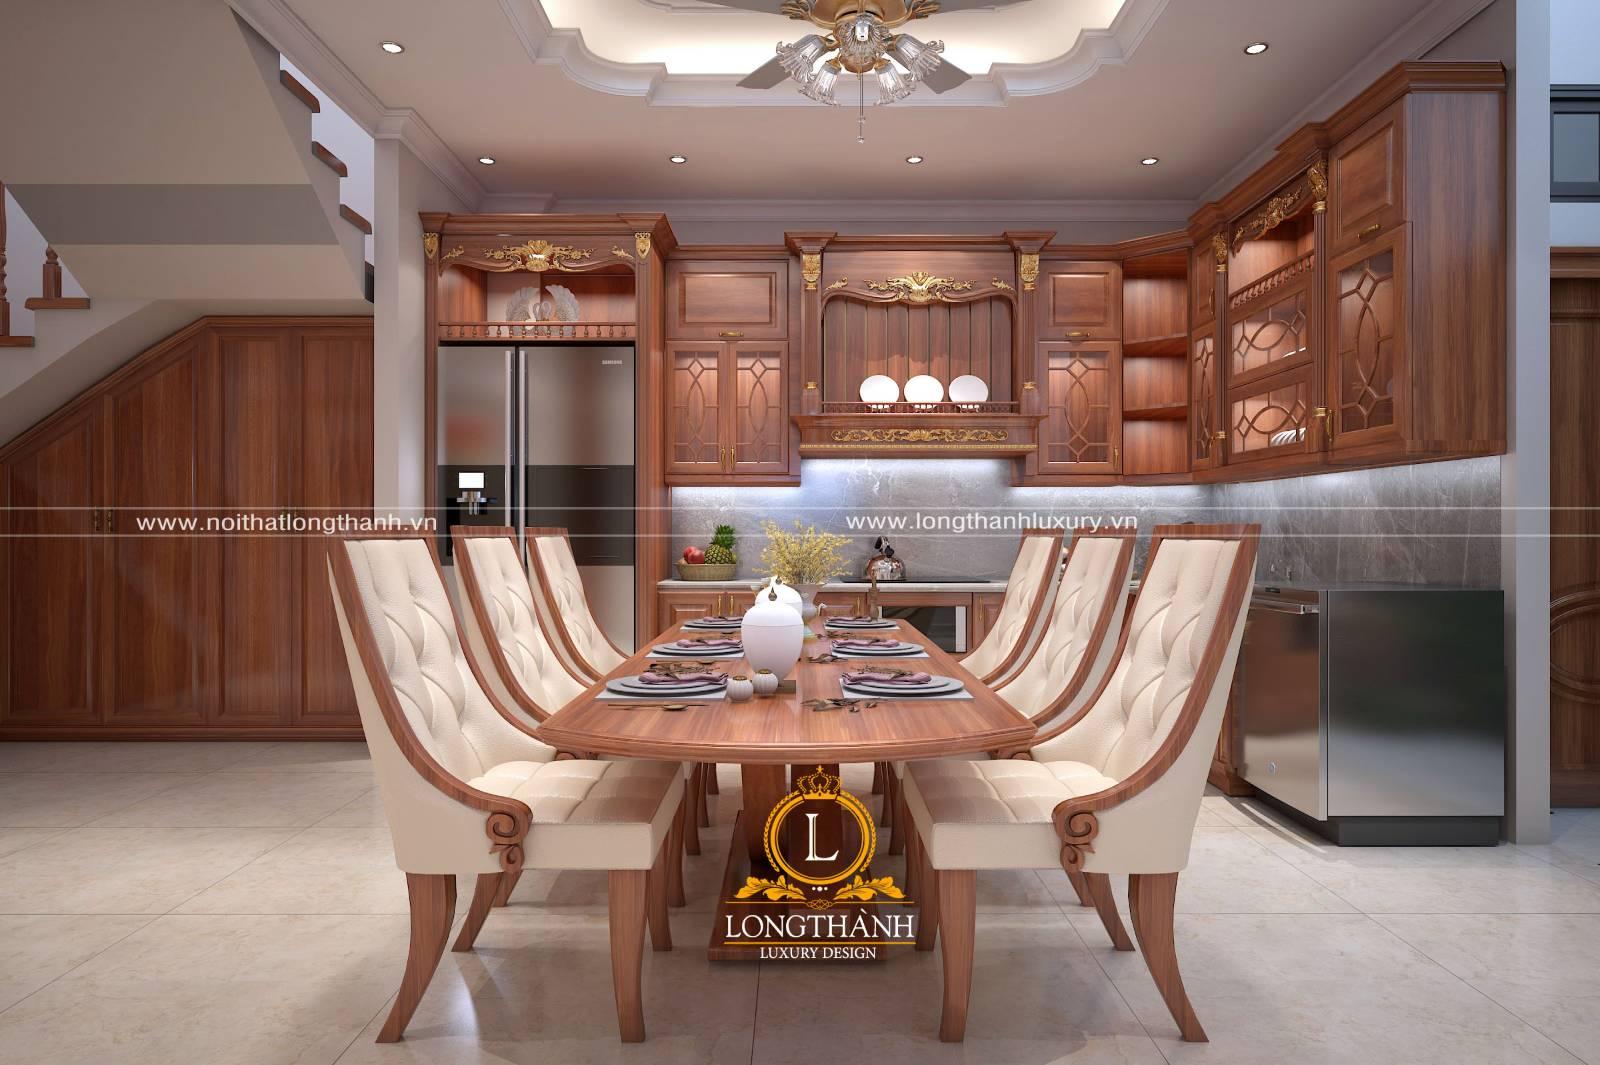 Mẫu tủ bếp gỗ Gõ đỏ kết hợp đồng bộ với bộ bàn ghế ăn phòng bếp